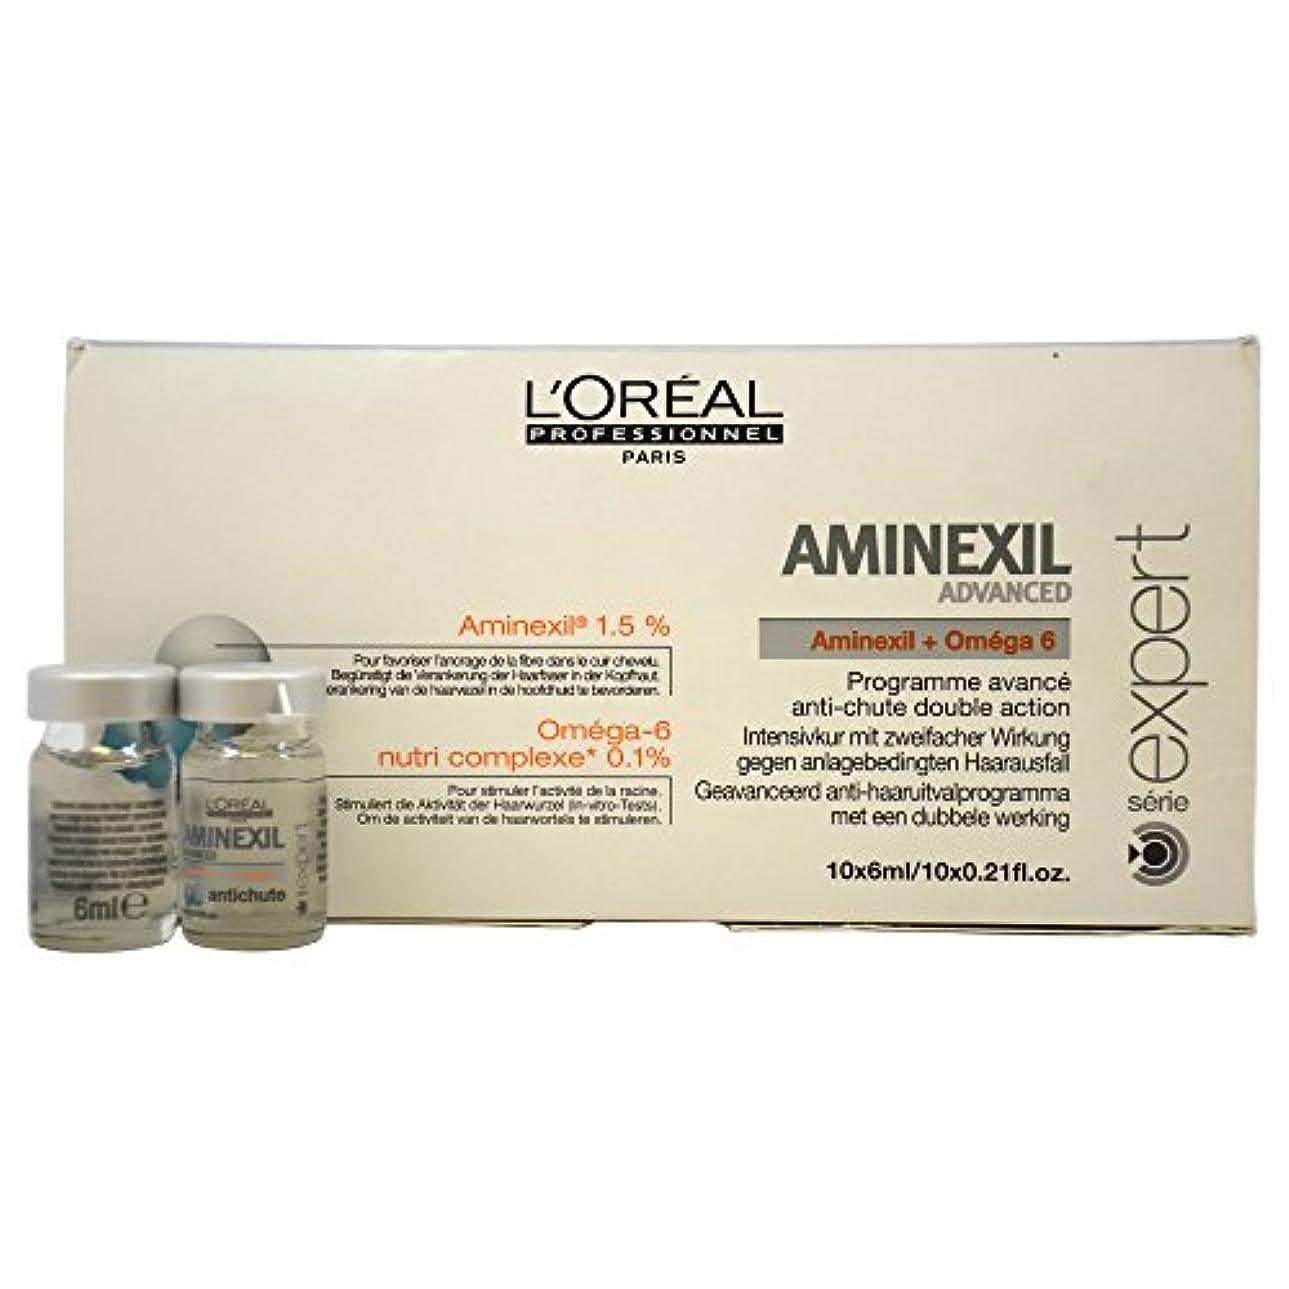 マカダムジャンルオレンジロレアル エキスパート ア三ネクシル コントロール 10個 L'Oreal Expert Aminexil Control 10 Units Advanced [並行輸入品]